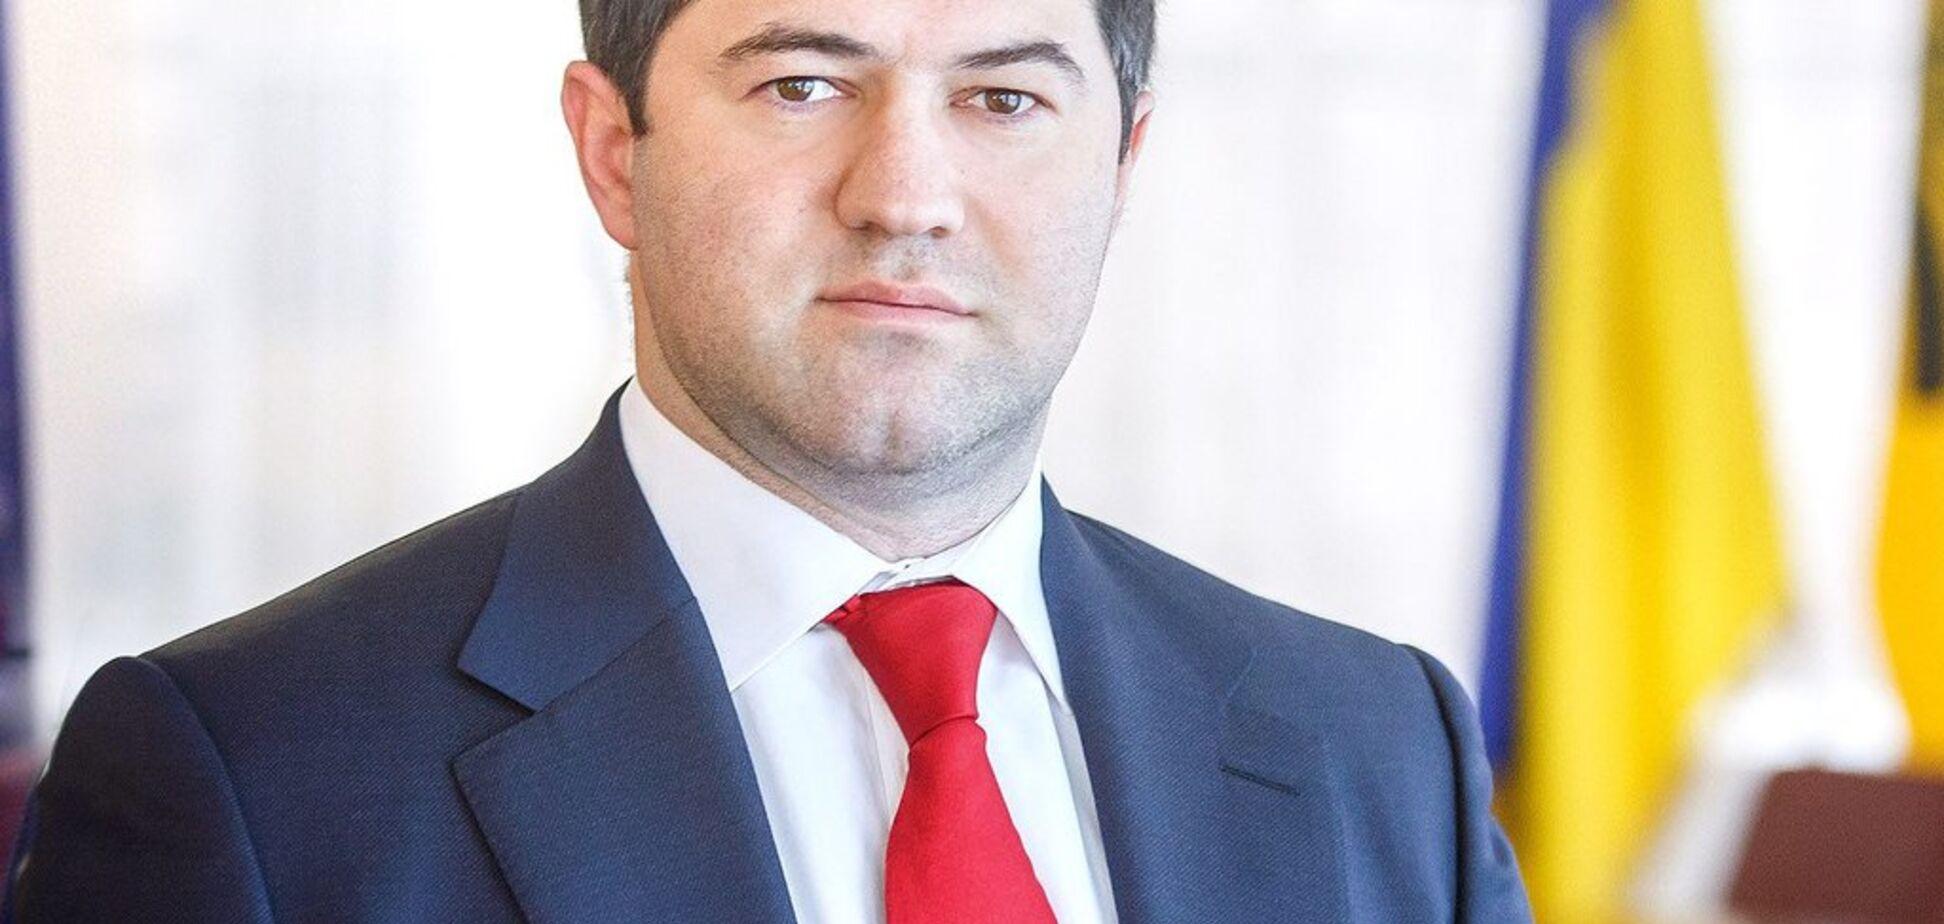 Предвзятость суда: защита завляет о нарушении конституционных прав Романа Насирова